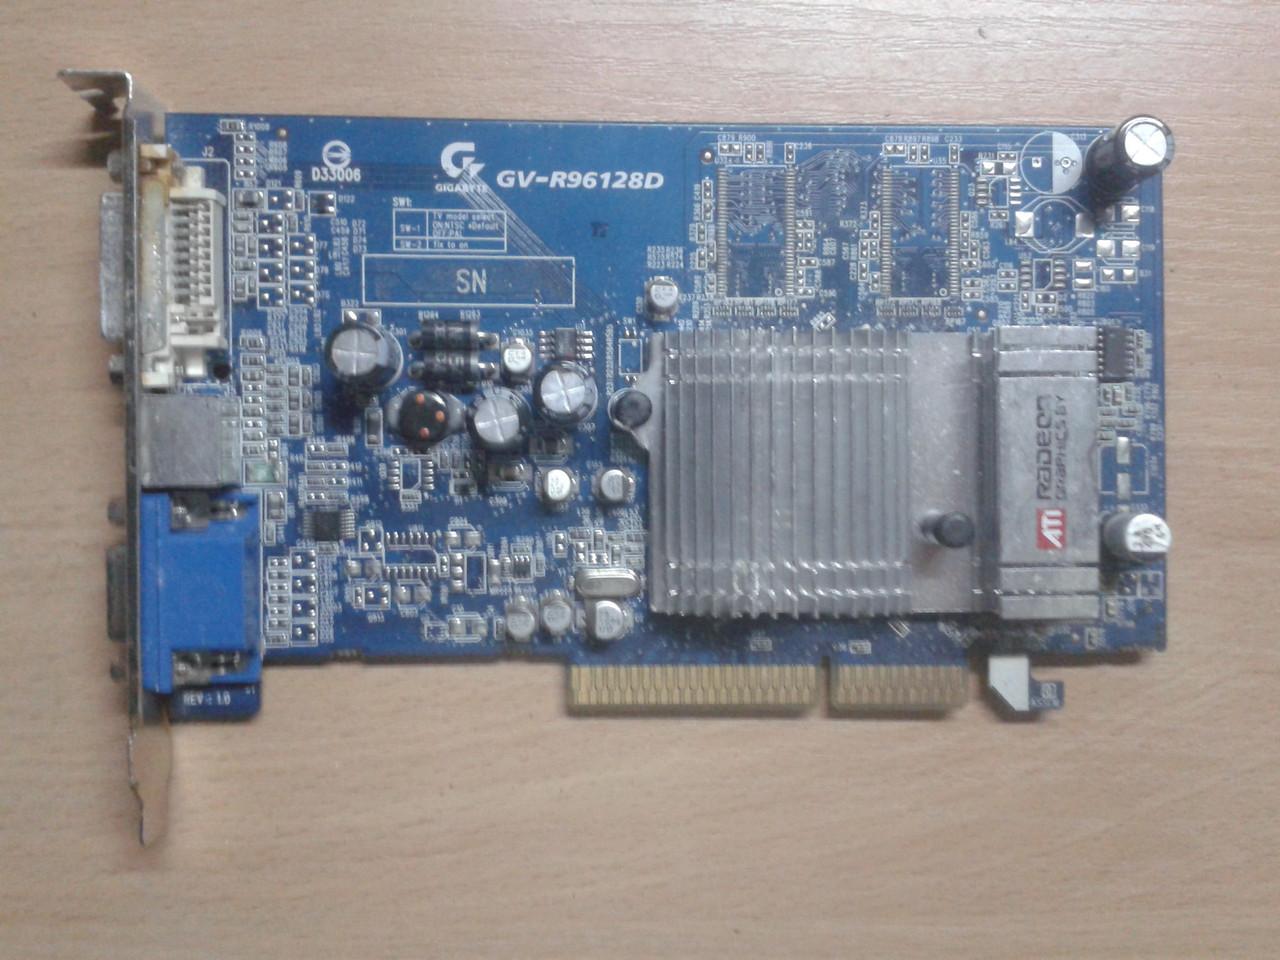 Видеокарта GigaByte ATI RADEON 9600 GV-R96128D, 128Mb/DDR/64Bit, AGP, бу